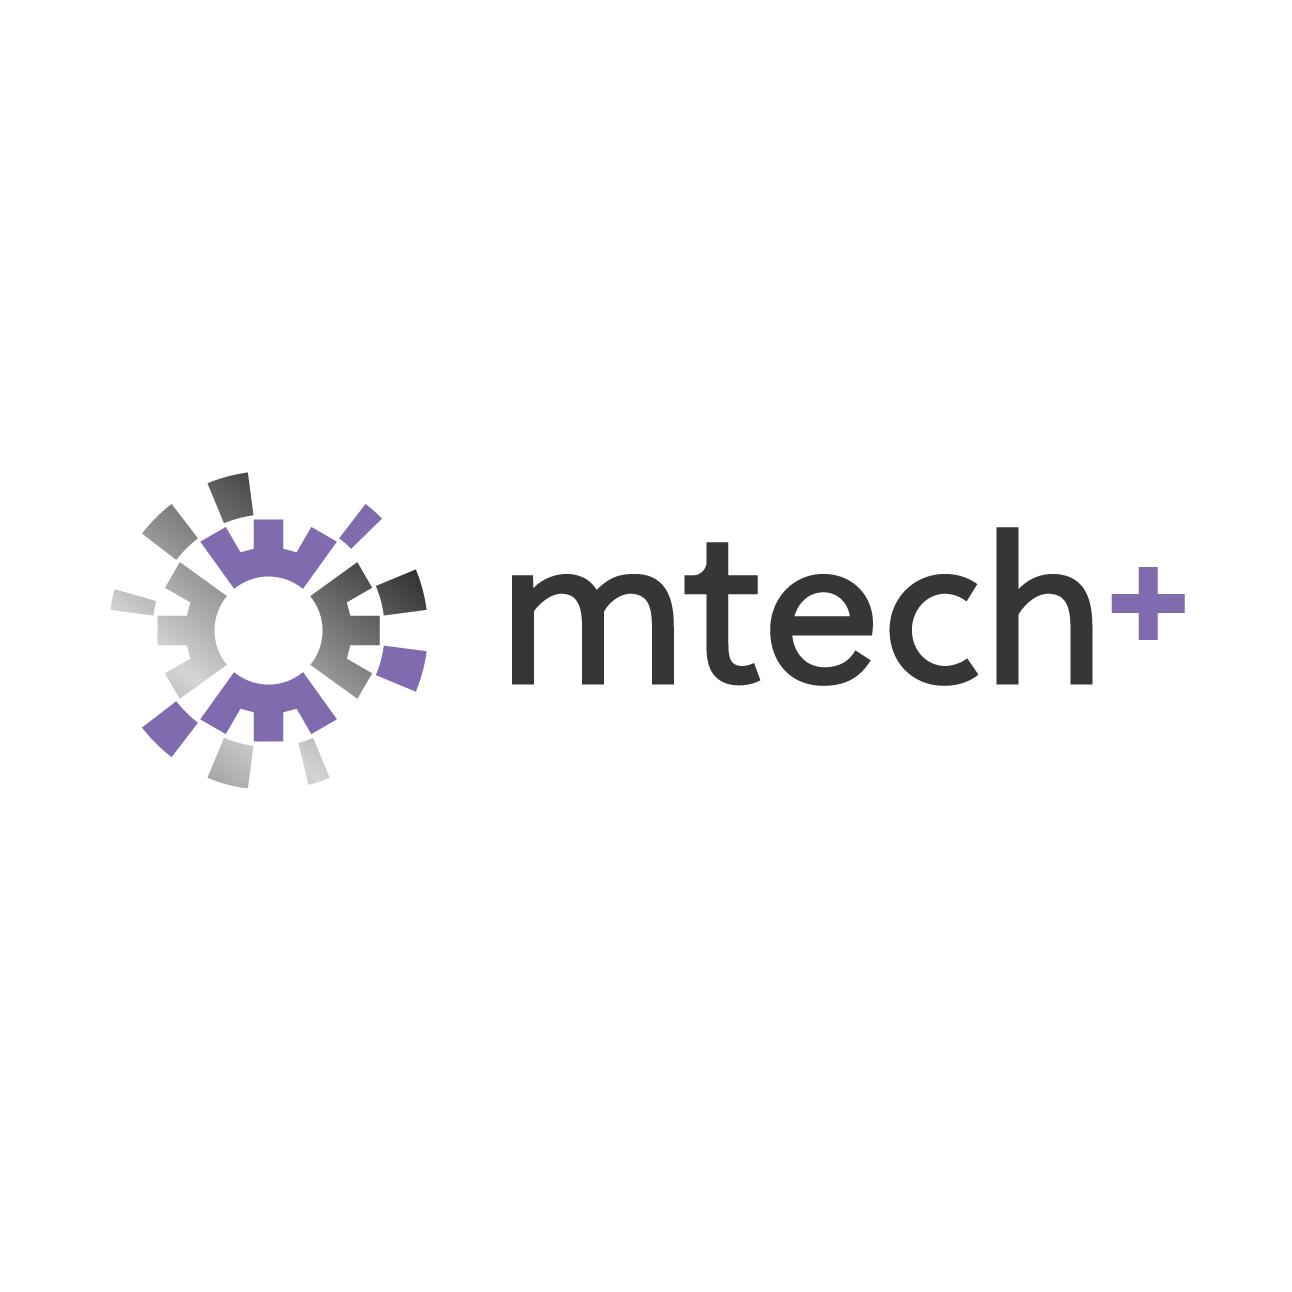 MTech+